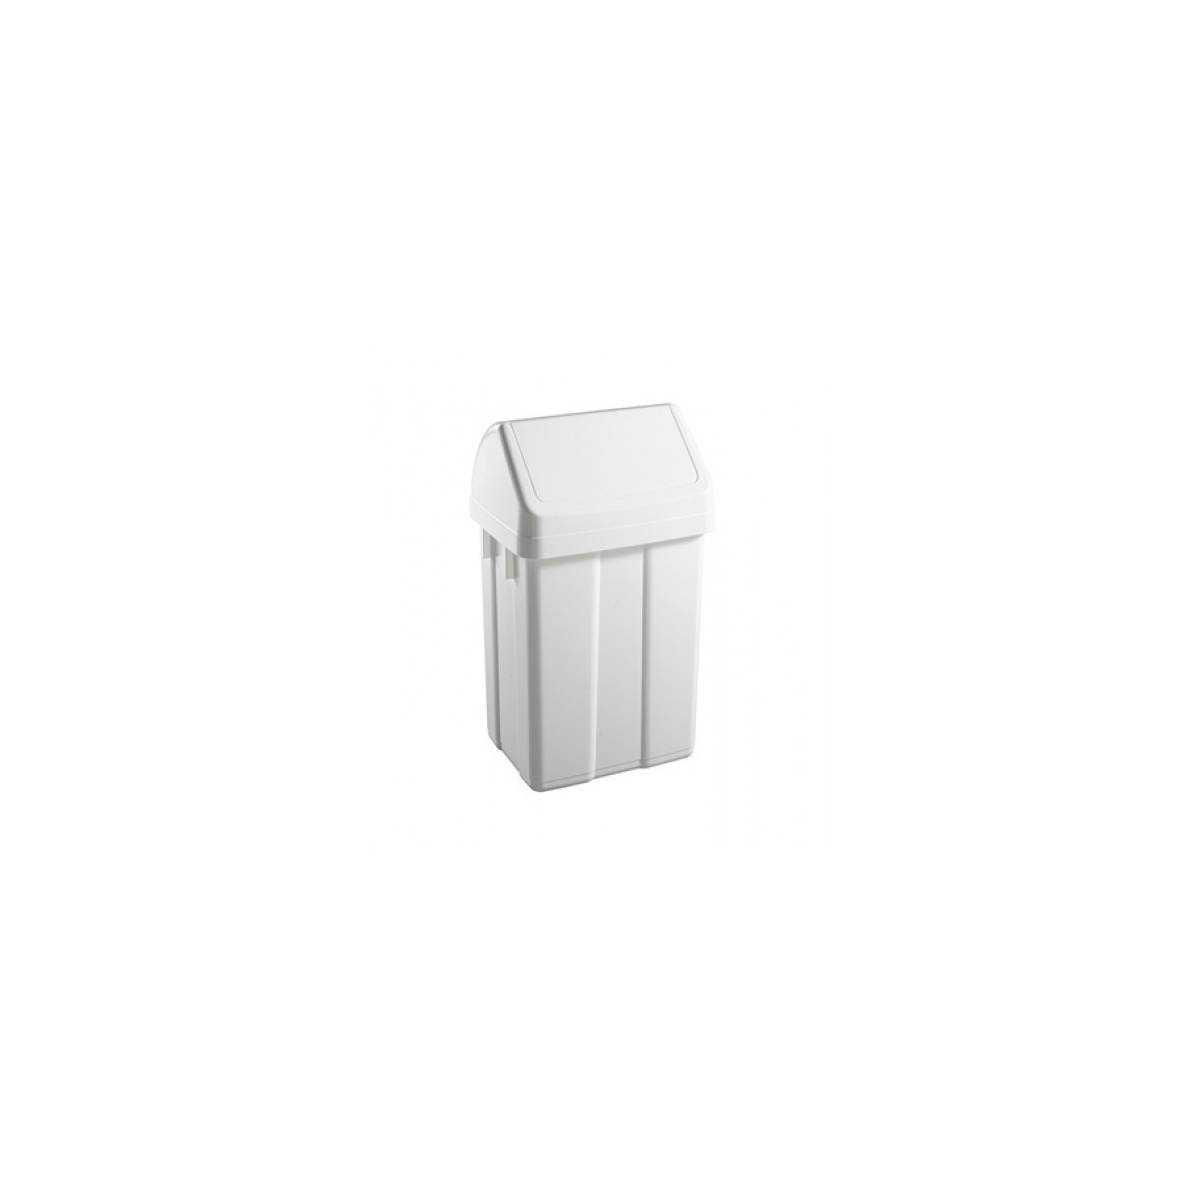 Урна для мусора с поворотной крышкой 12л (5220) 00005220 TTS